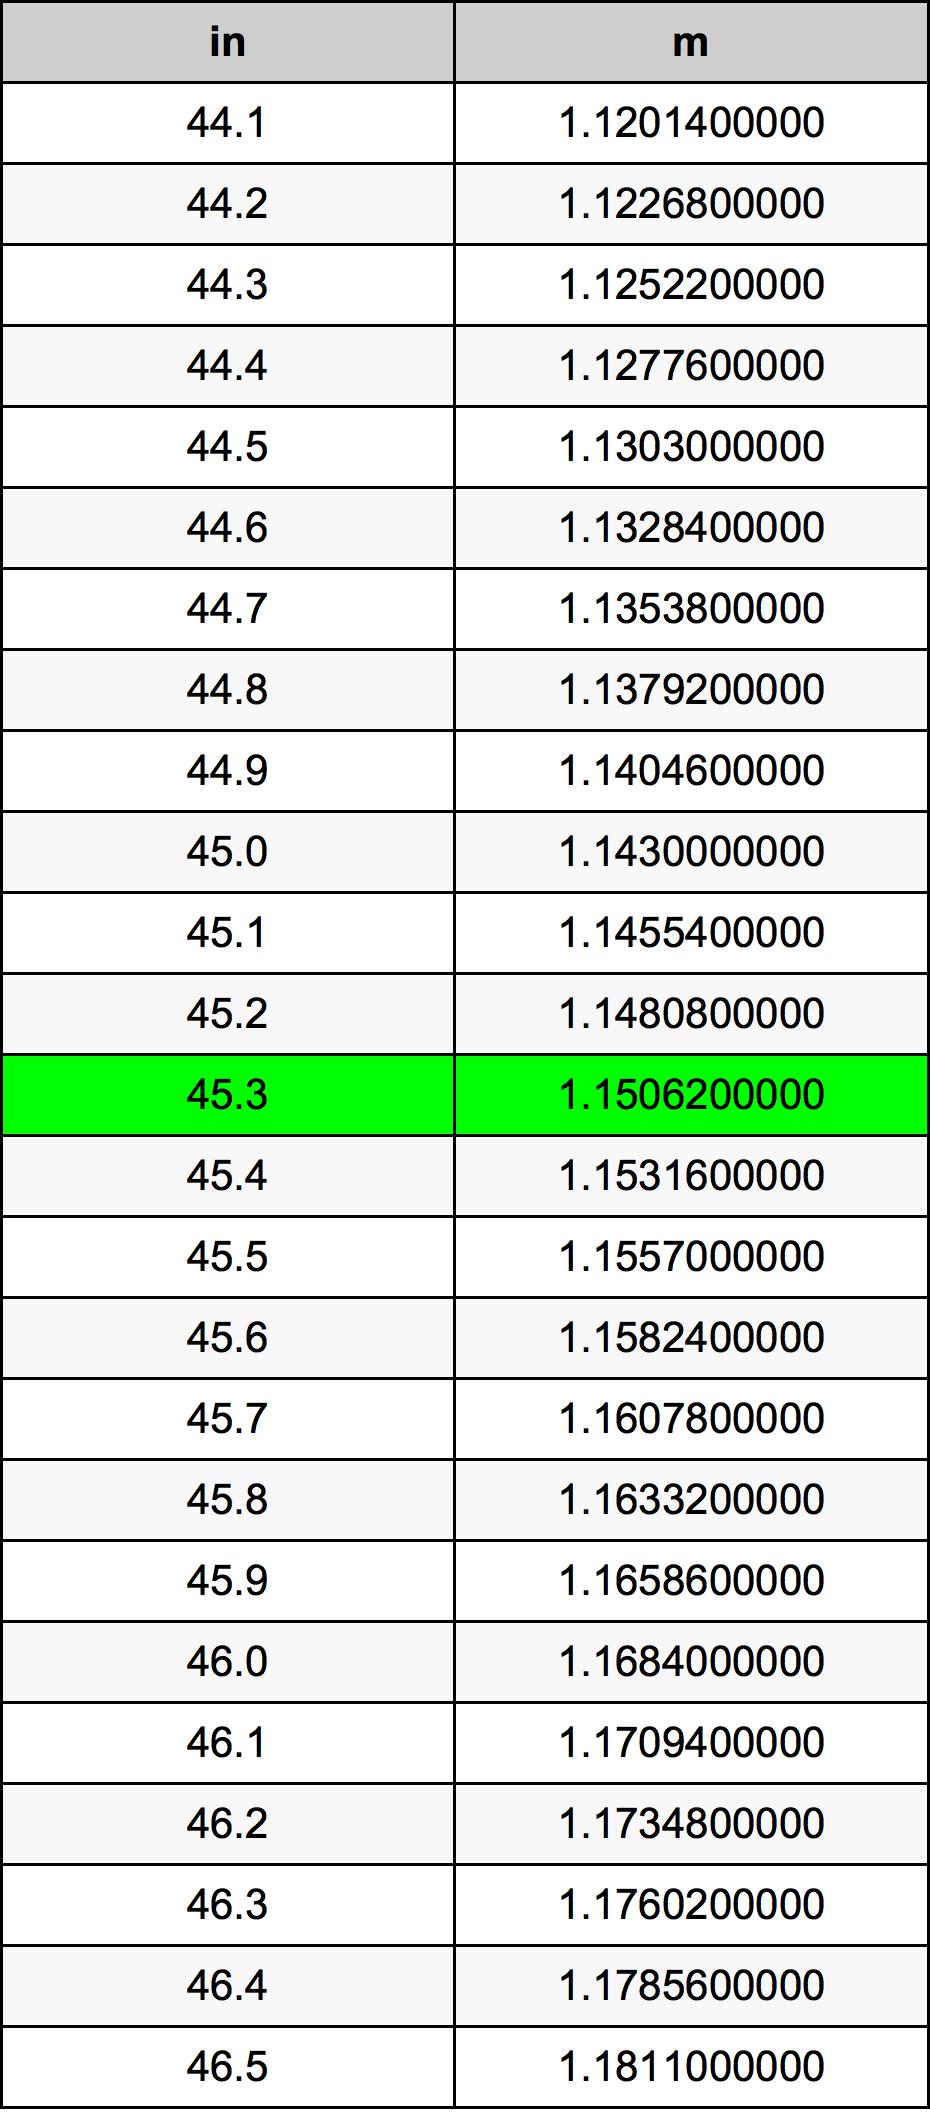 45.3 Polegada tabela de conversão